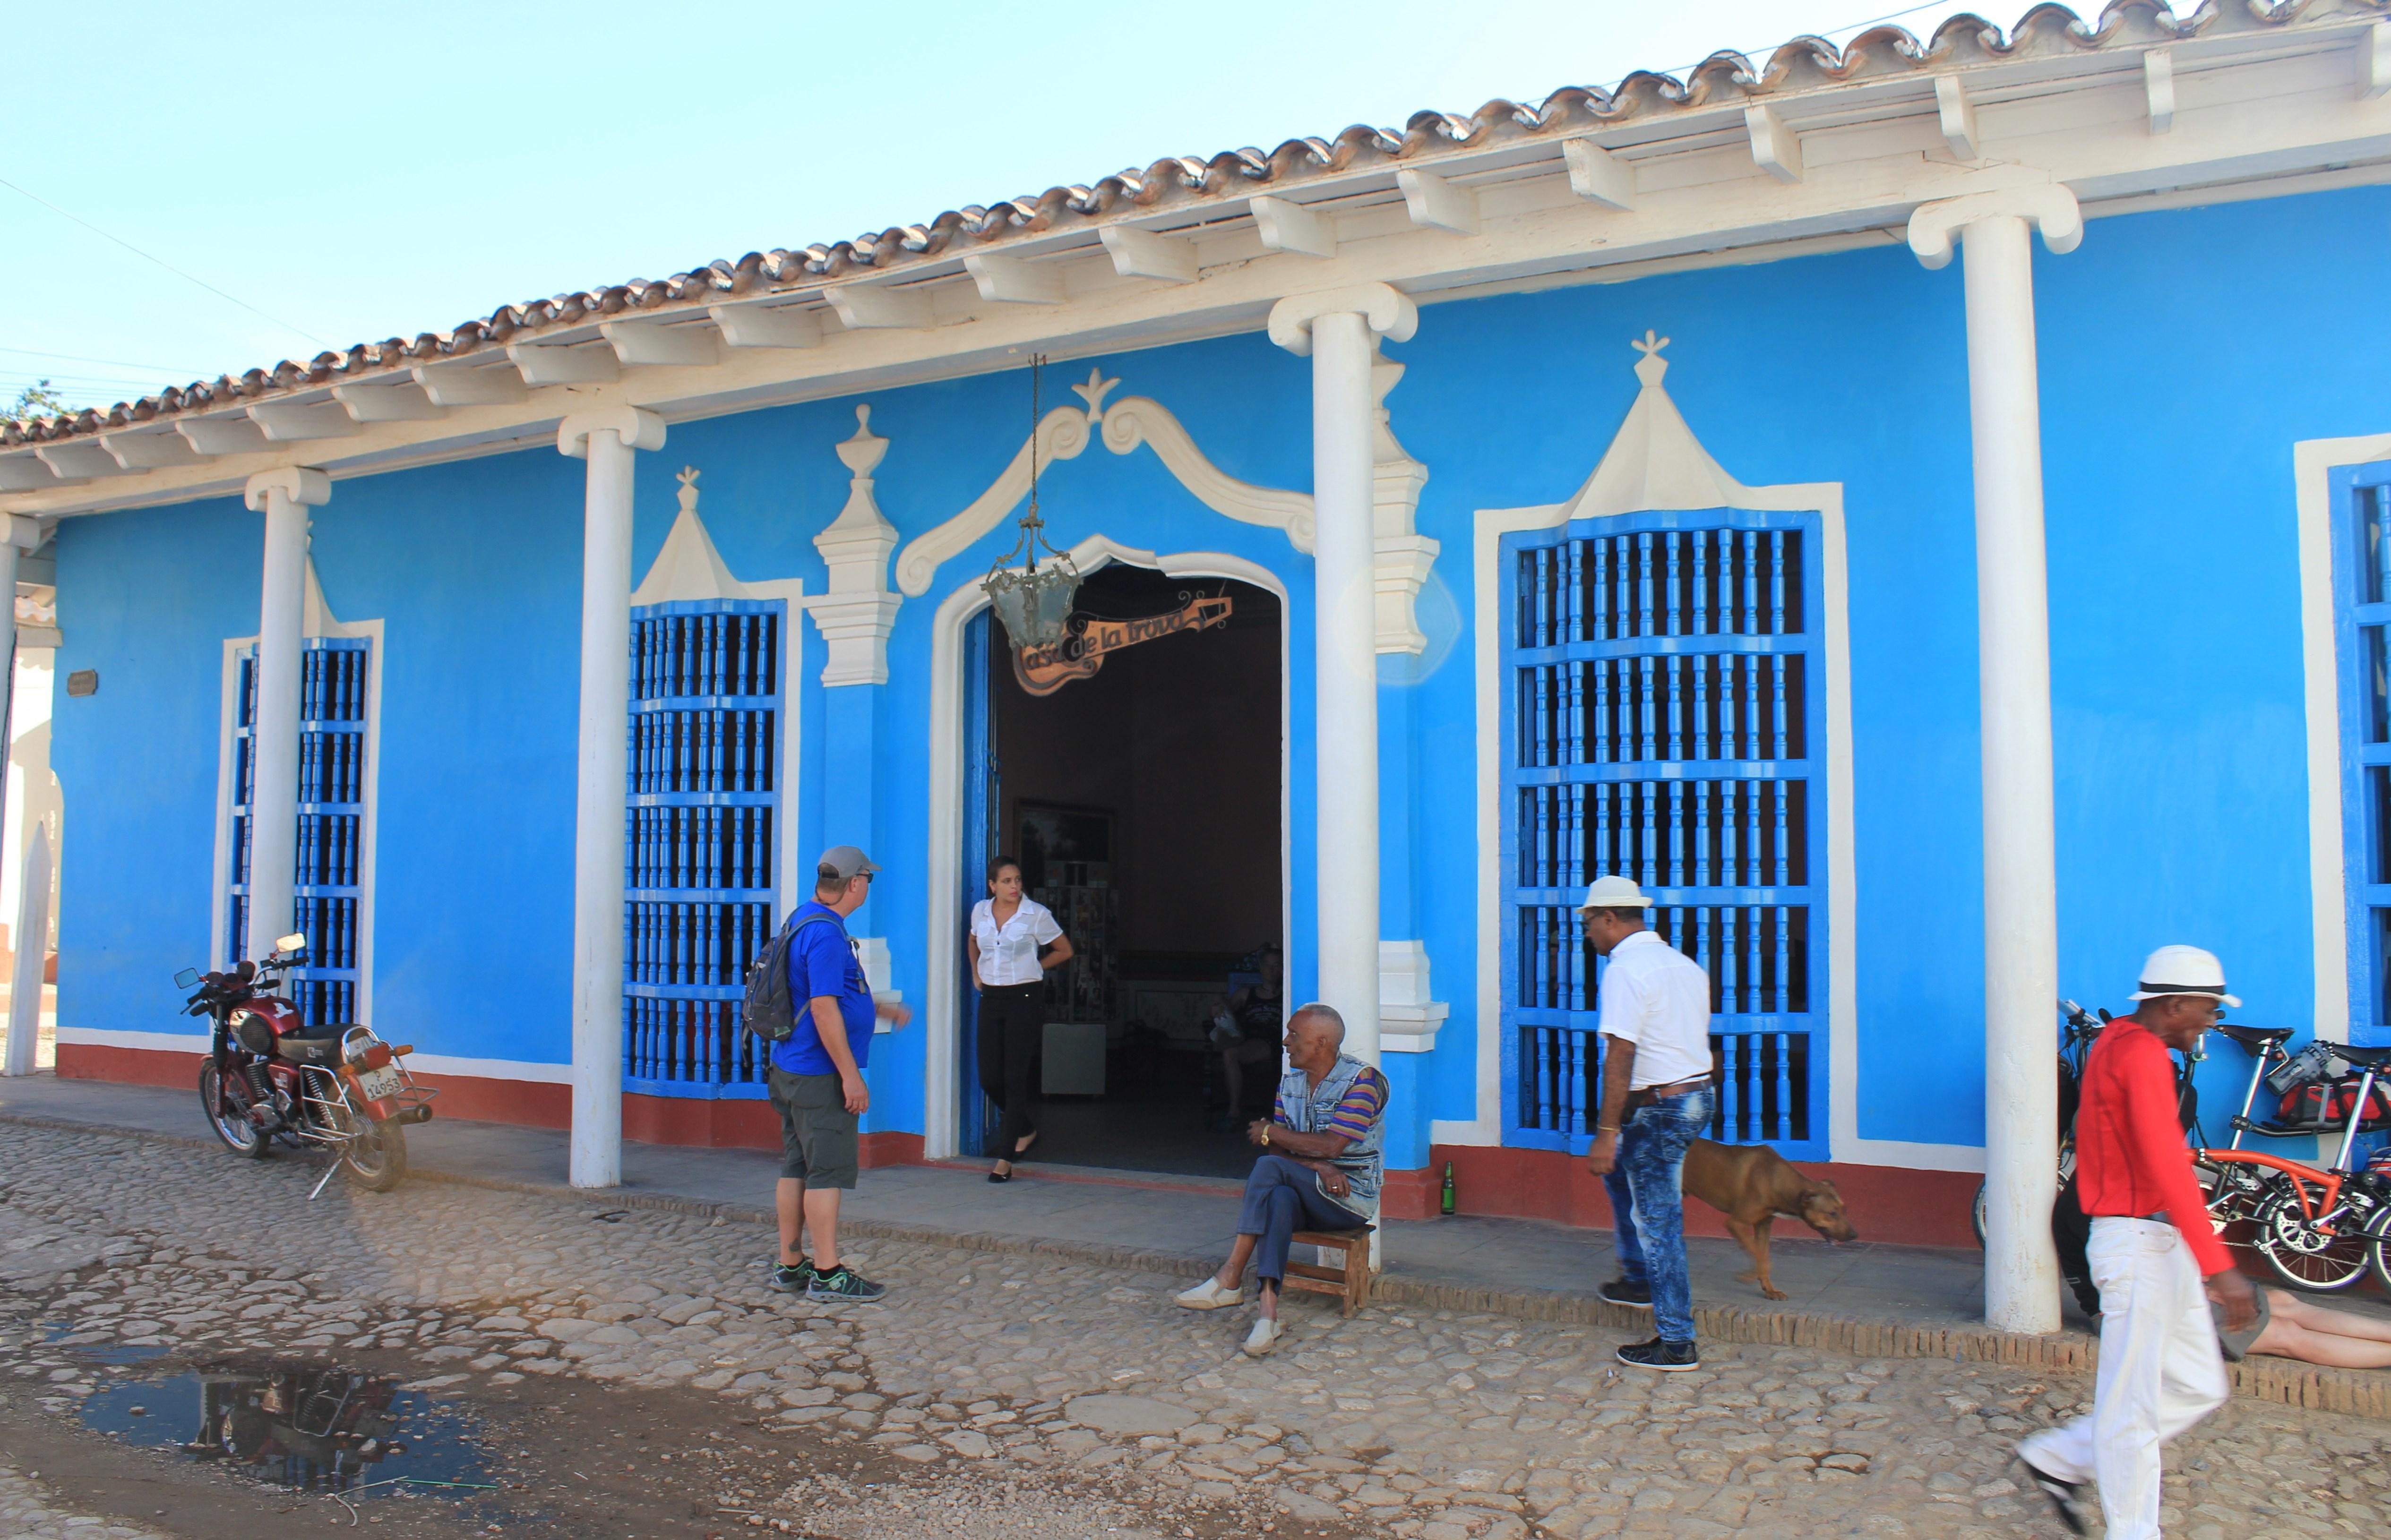 Casa-de-la-Trova-Trinidad A Cuban Road Trip, Part 2 - Trinidad Cuba Trinidad